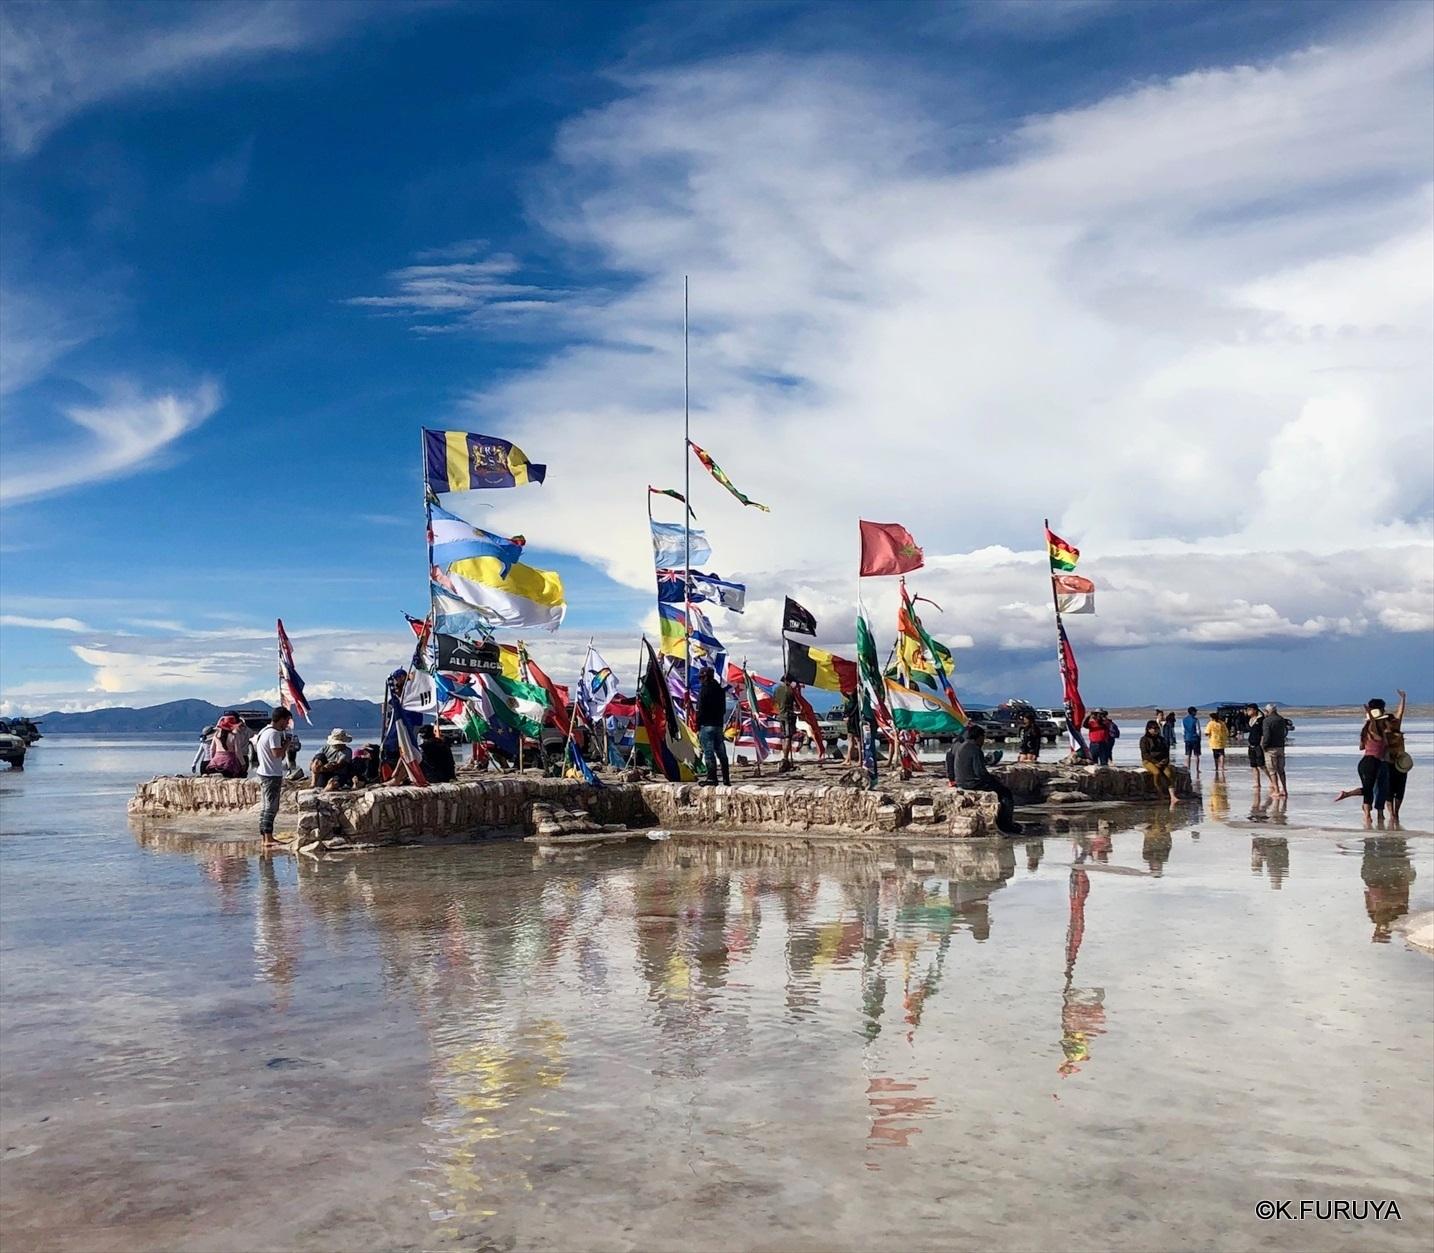 中南米の旅/29 ウユニ塩湖にある唯一のトイレ_a0092659_23562337.jpg